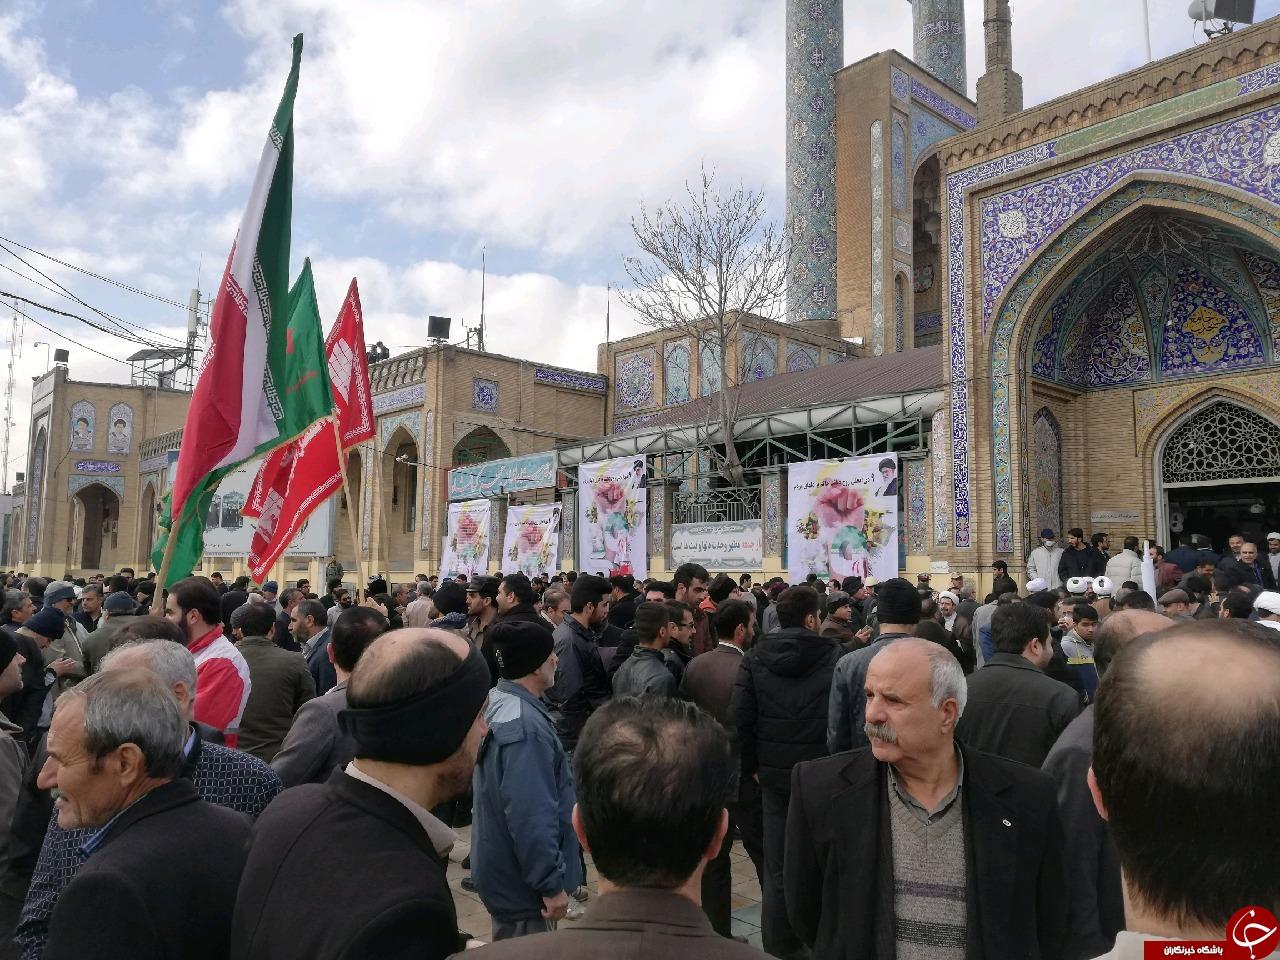 برگزاری مراسم باشکو 9 دی در کرمانشاه +تصاویر